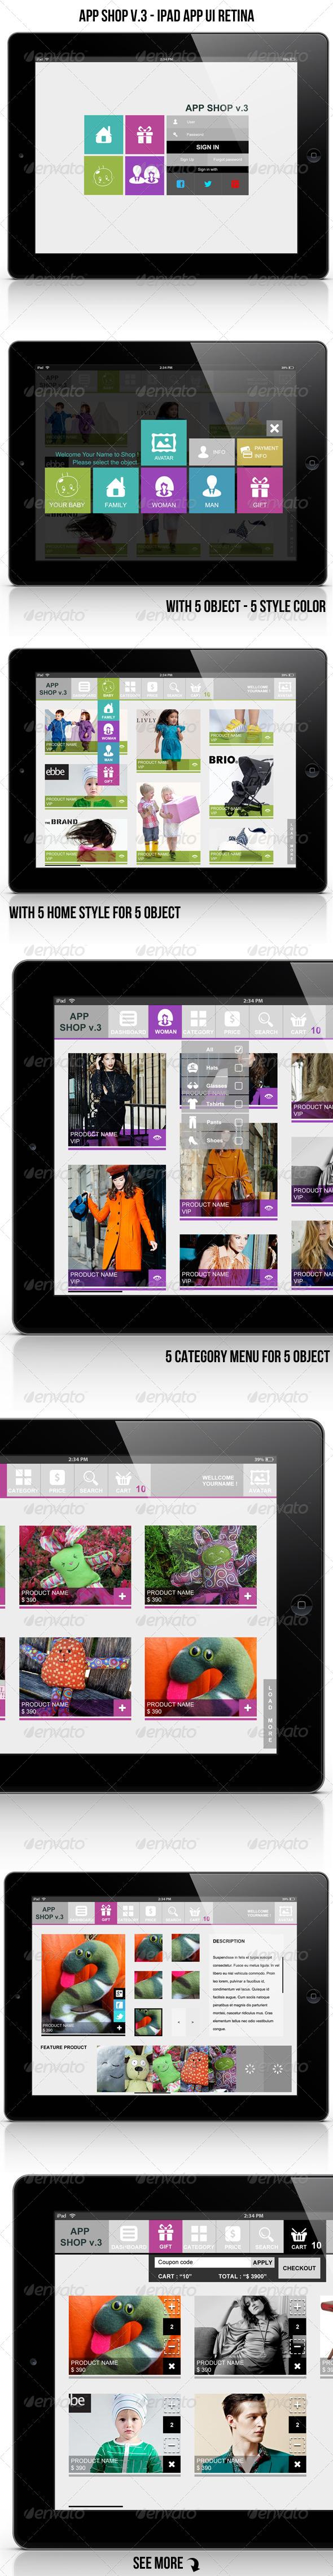 App Shop v.3 - Ipad App UI Retina - User Interfaces Web Elements